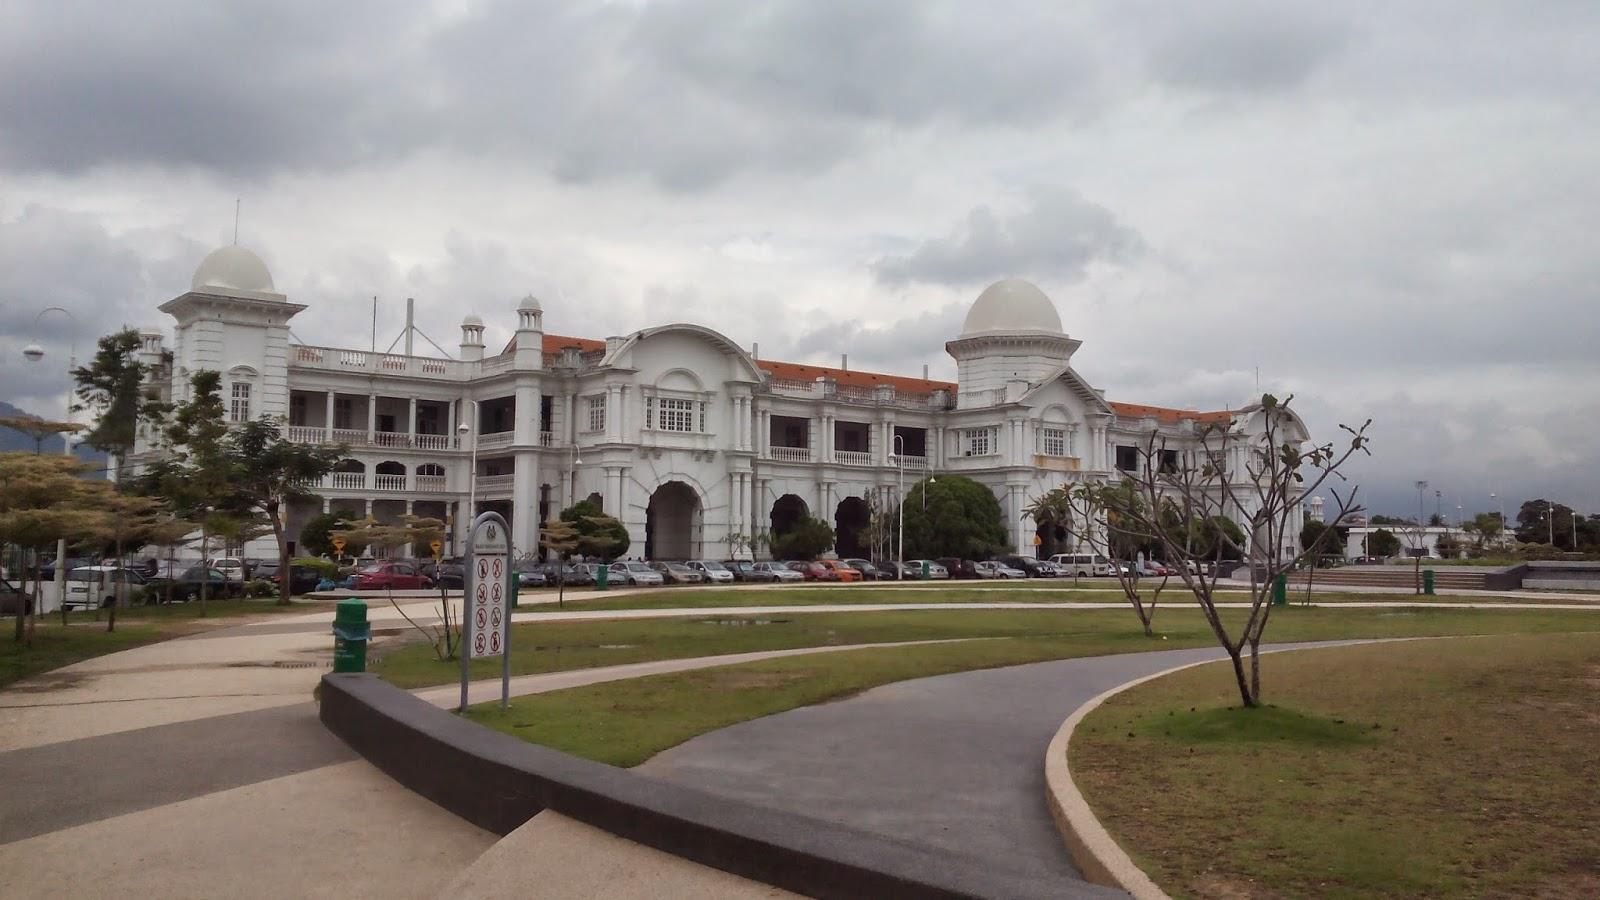 Jalan-jalan Naik ETS - 27 Disember 2014